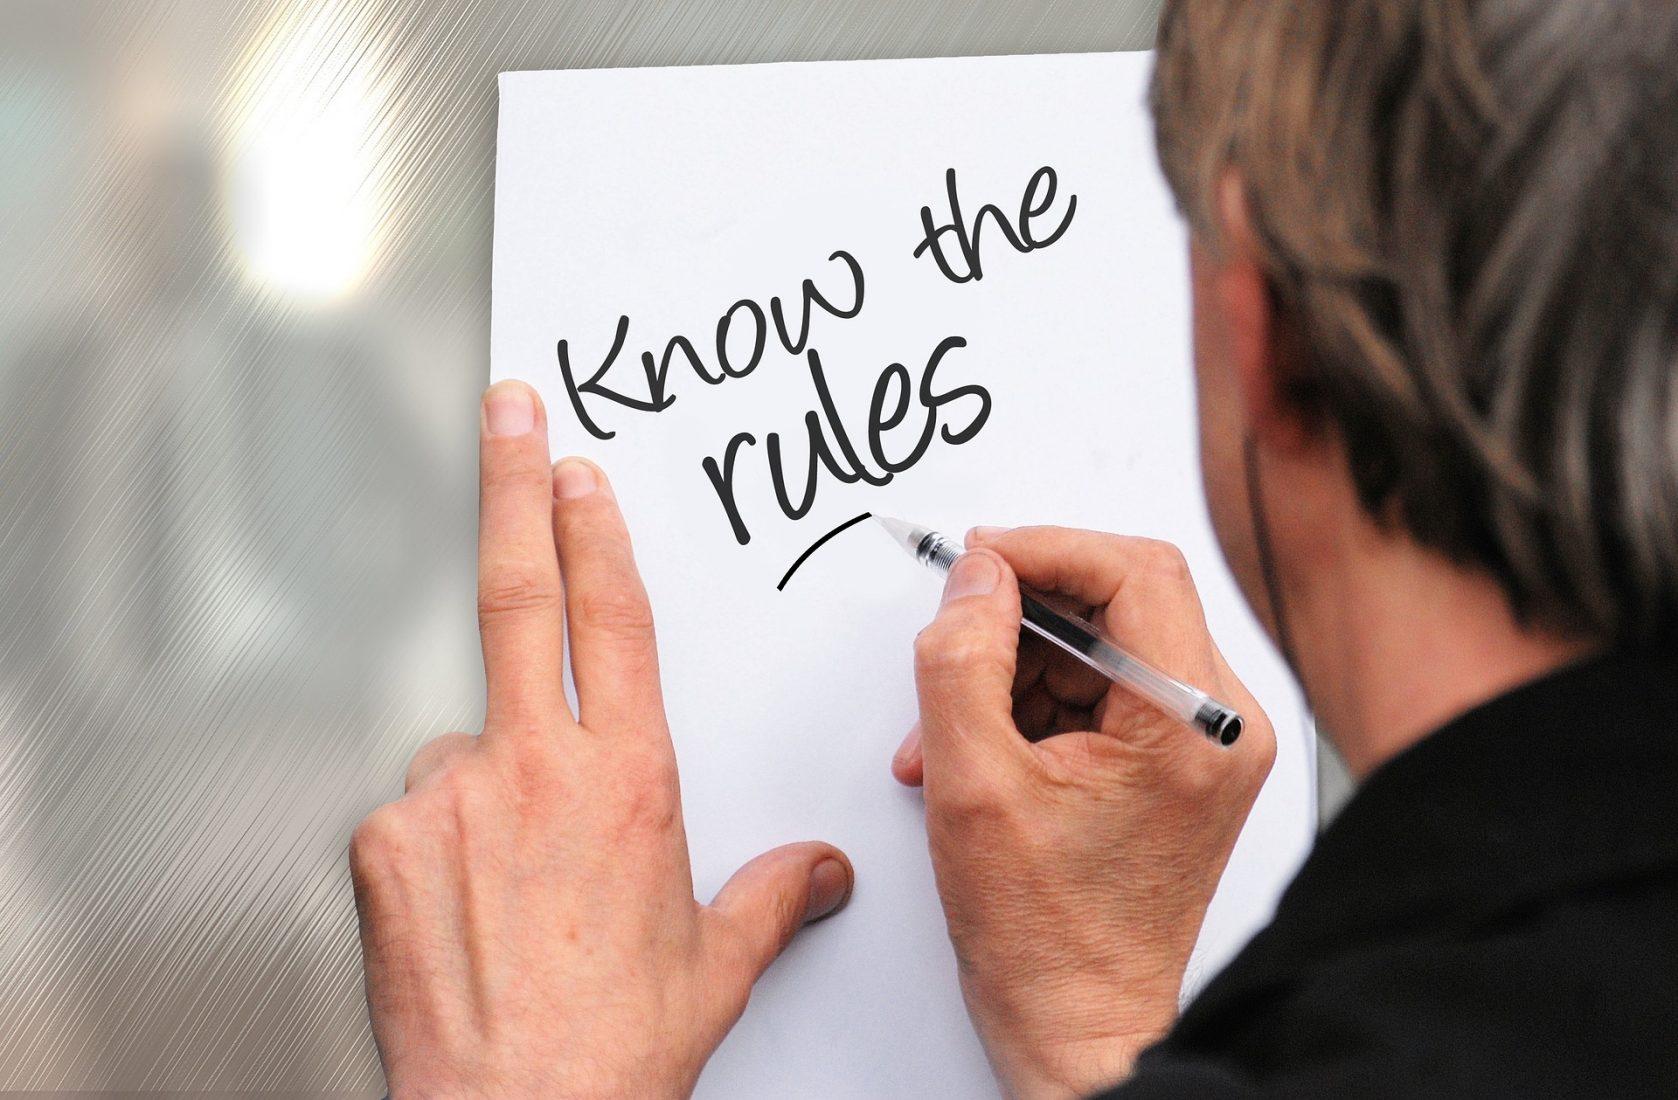 Architekten, Planer und Handwerker sollten die anerkannten Regeln der Technik kennen, bevor sie tätig werden. Foto: Pixabay